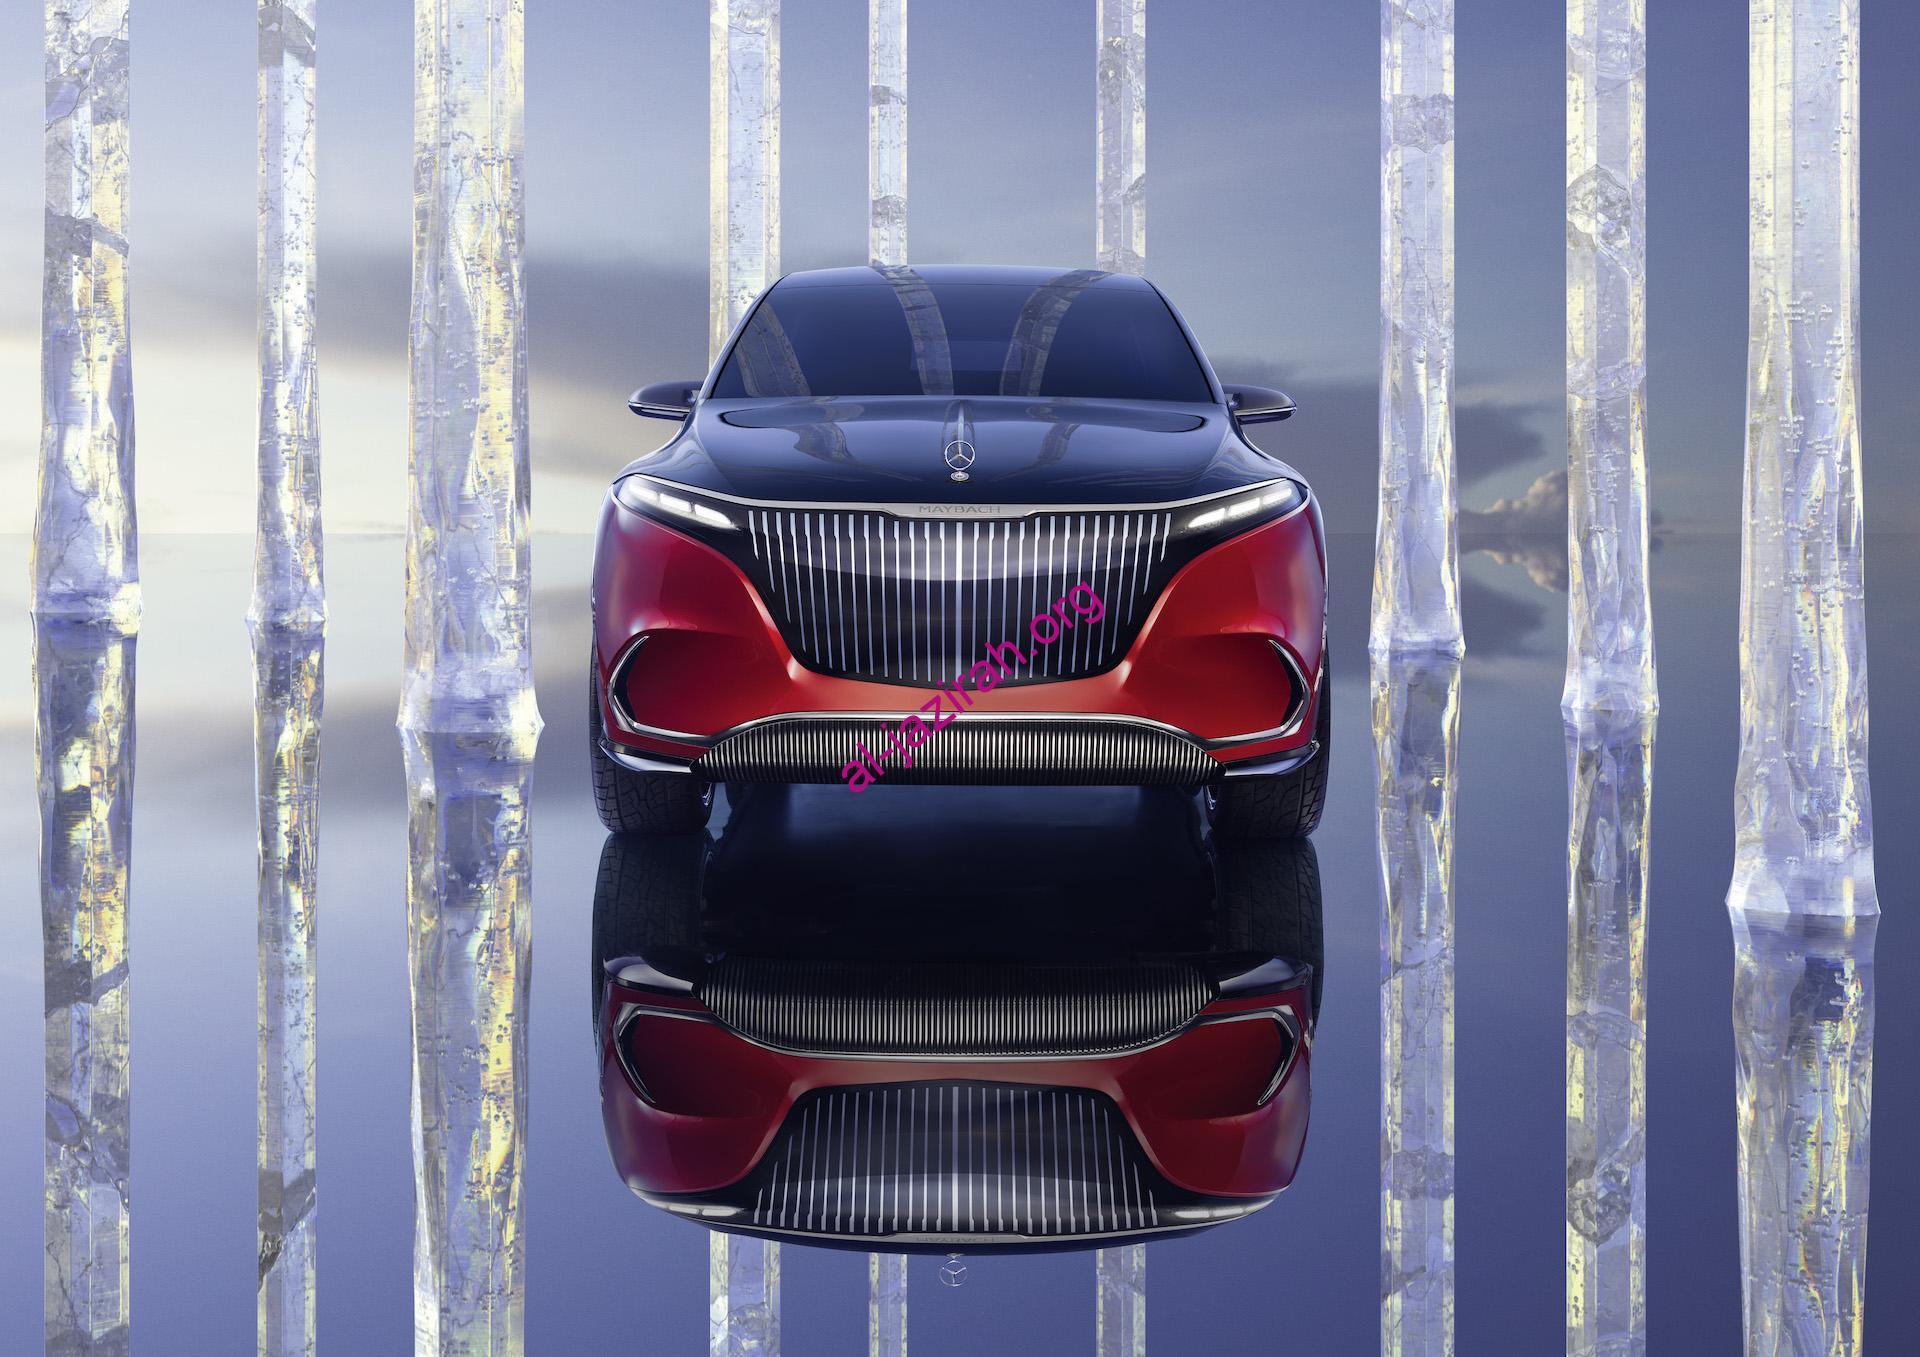 أنافة مرسيدس- EQS SUV سيارة كهربائية فائقة الفخامة